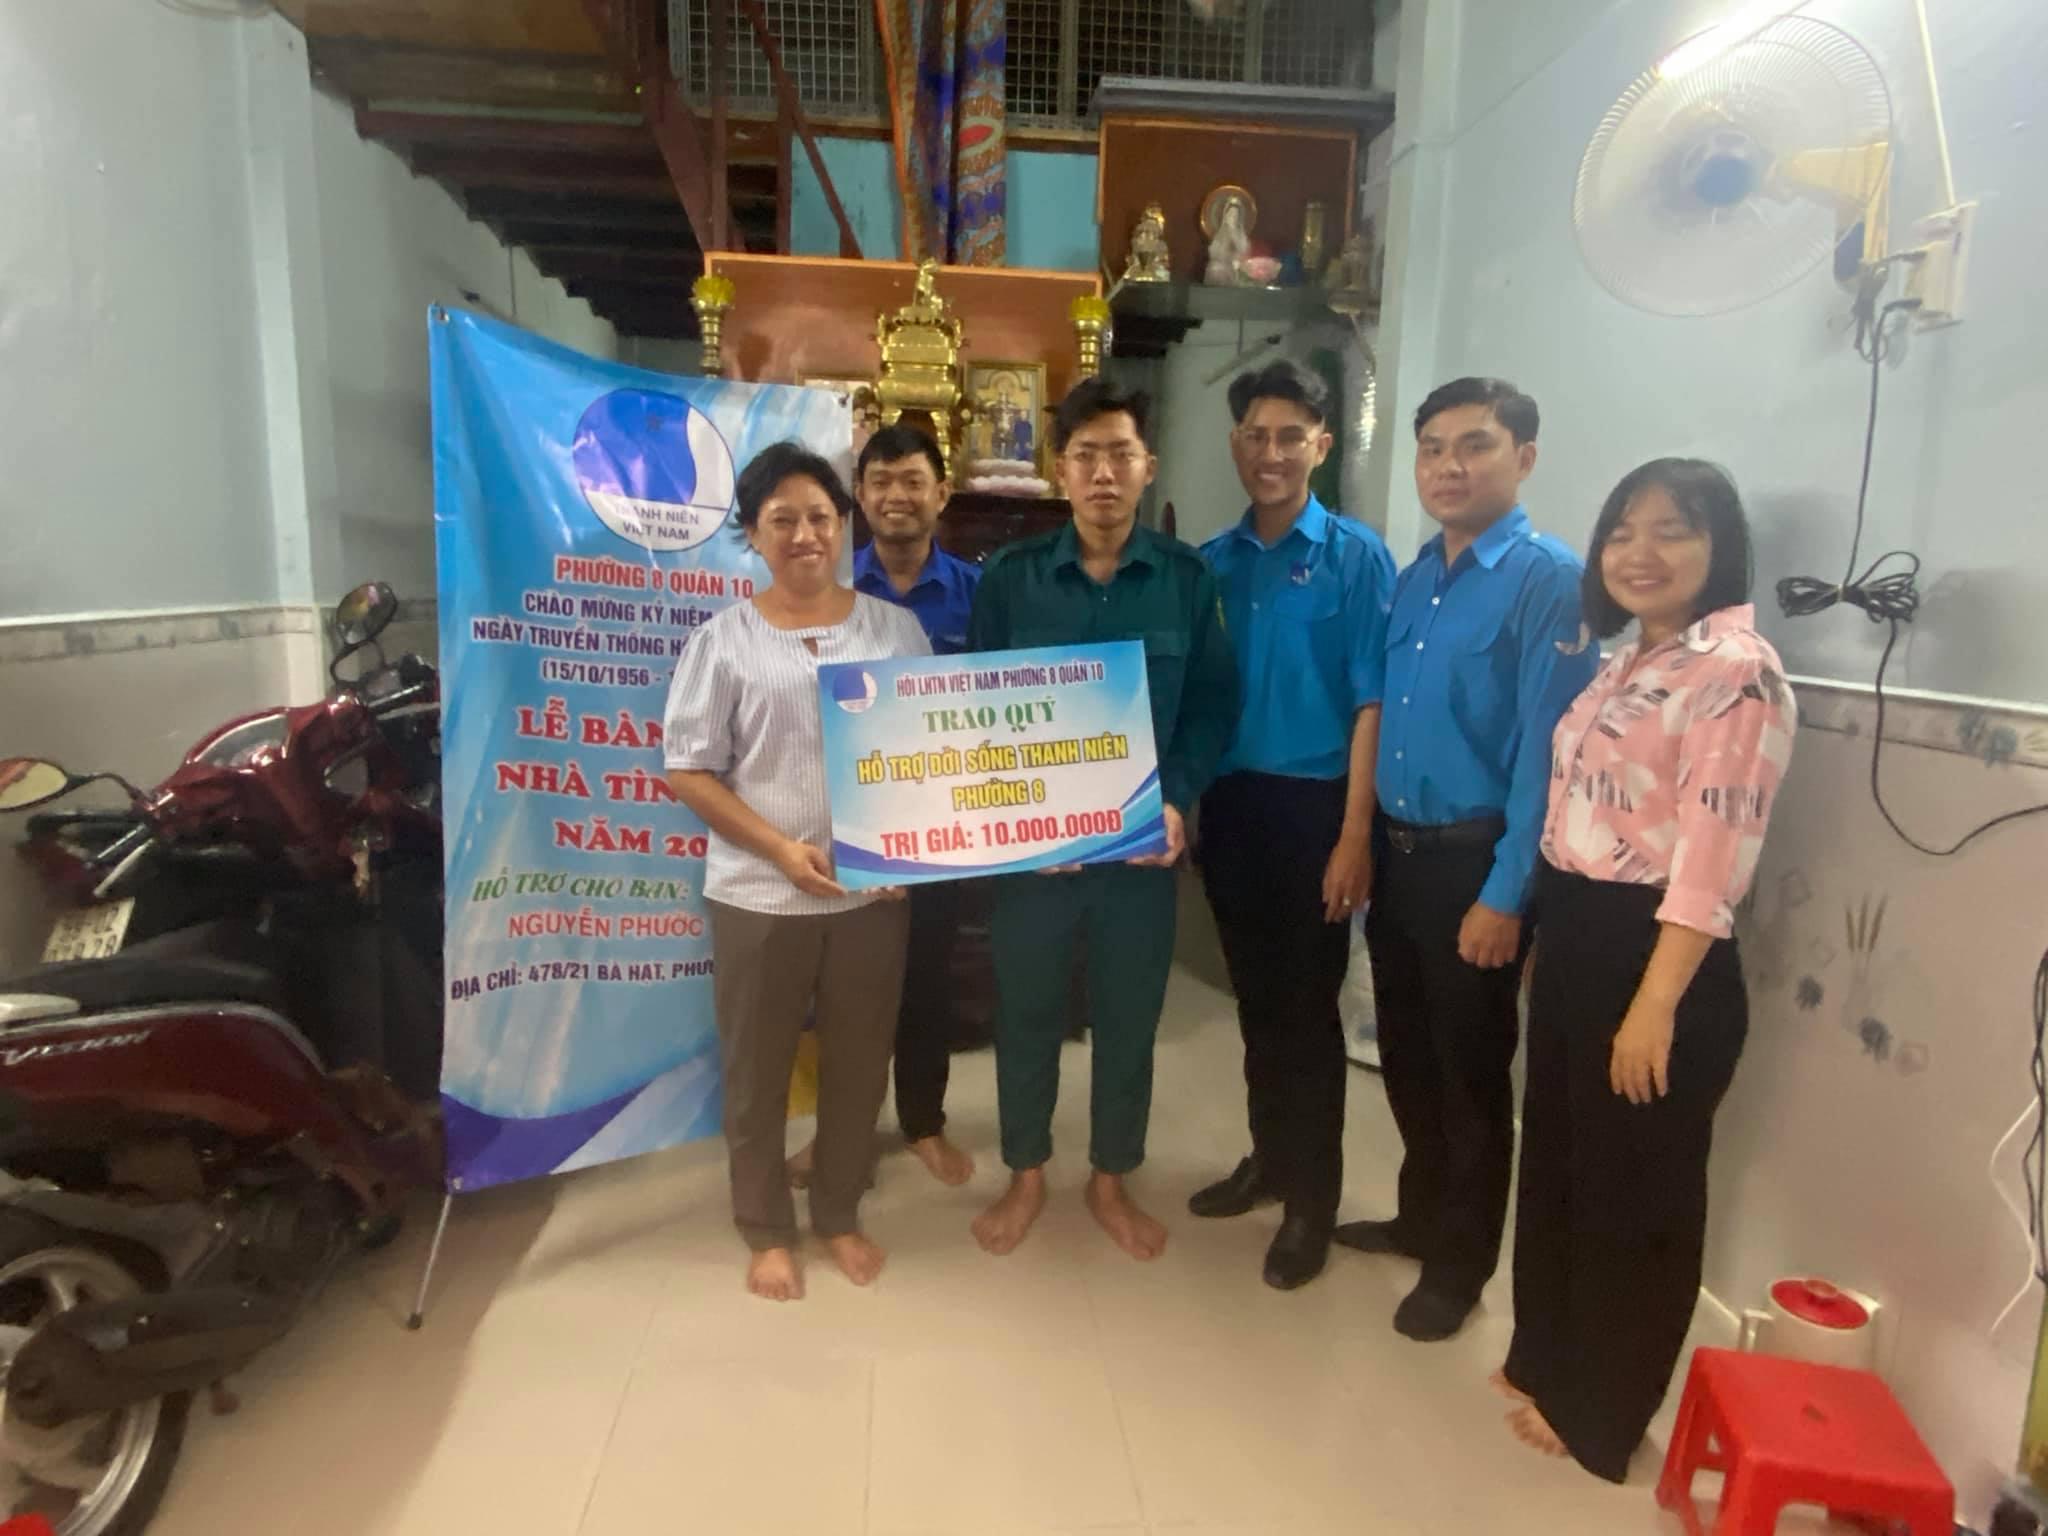 """Phường 8 Hỗ trợ sửa chữa """"Nhà Tình Bạn"""" và trao học bổng hỗ trợ đến trường cho em Nguyễn Phước Thành."""